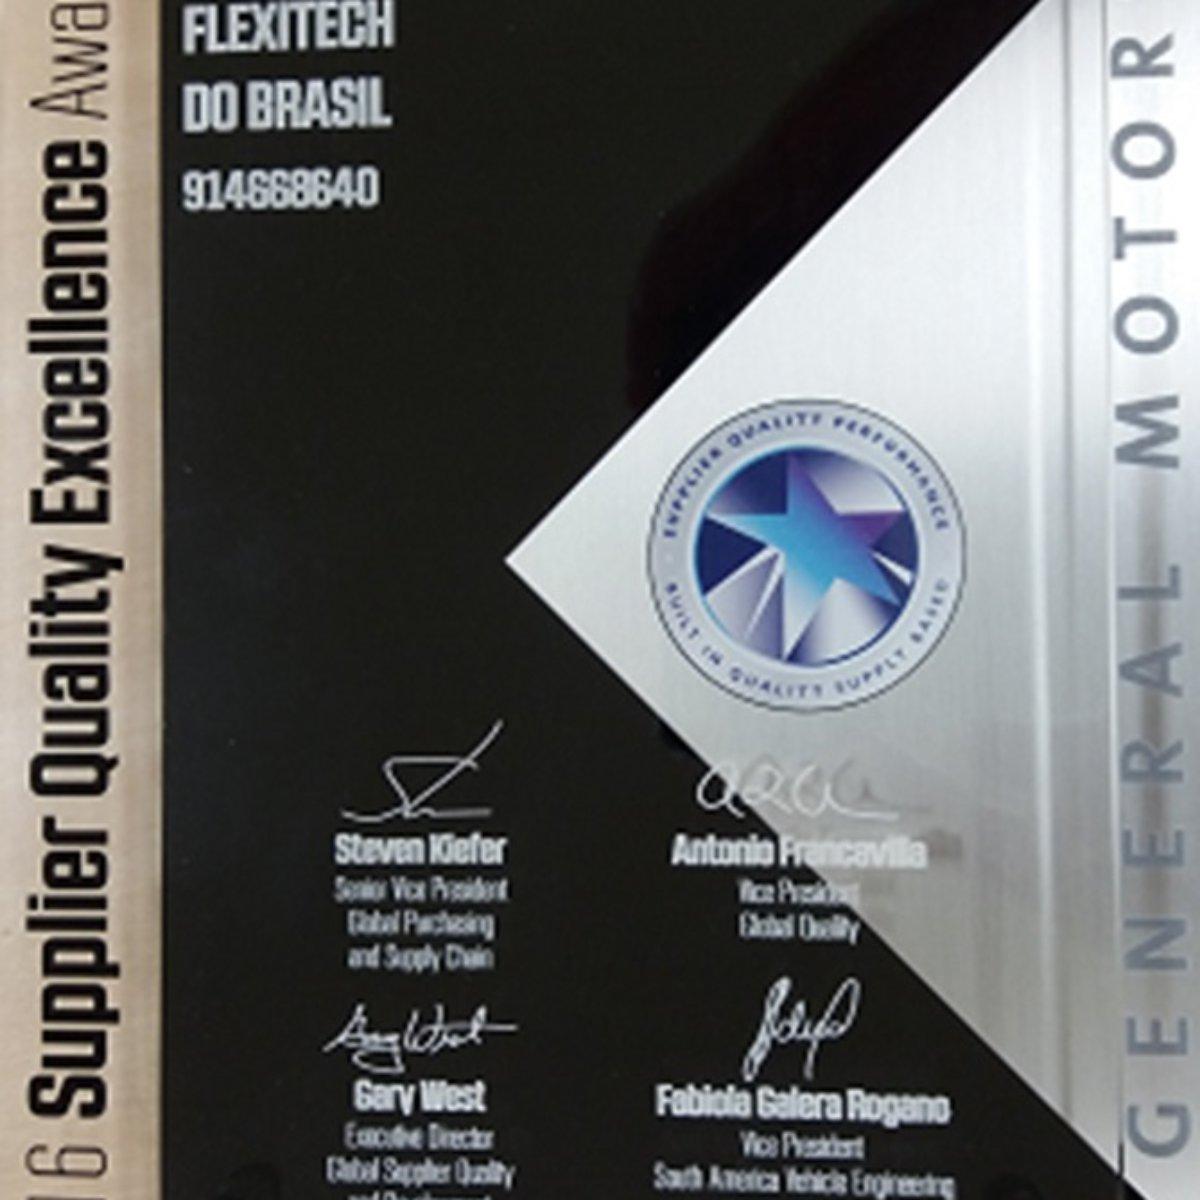 巴西收到GM SQ excellence awards 年度最佳供应商奖